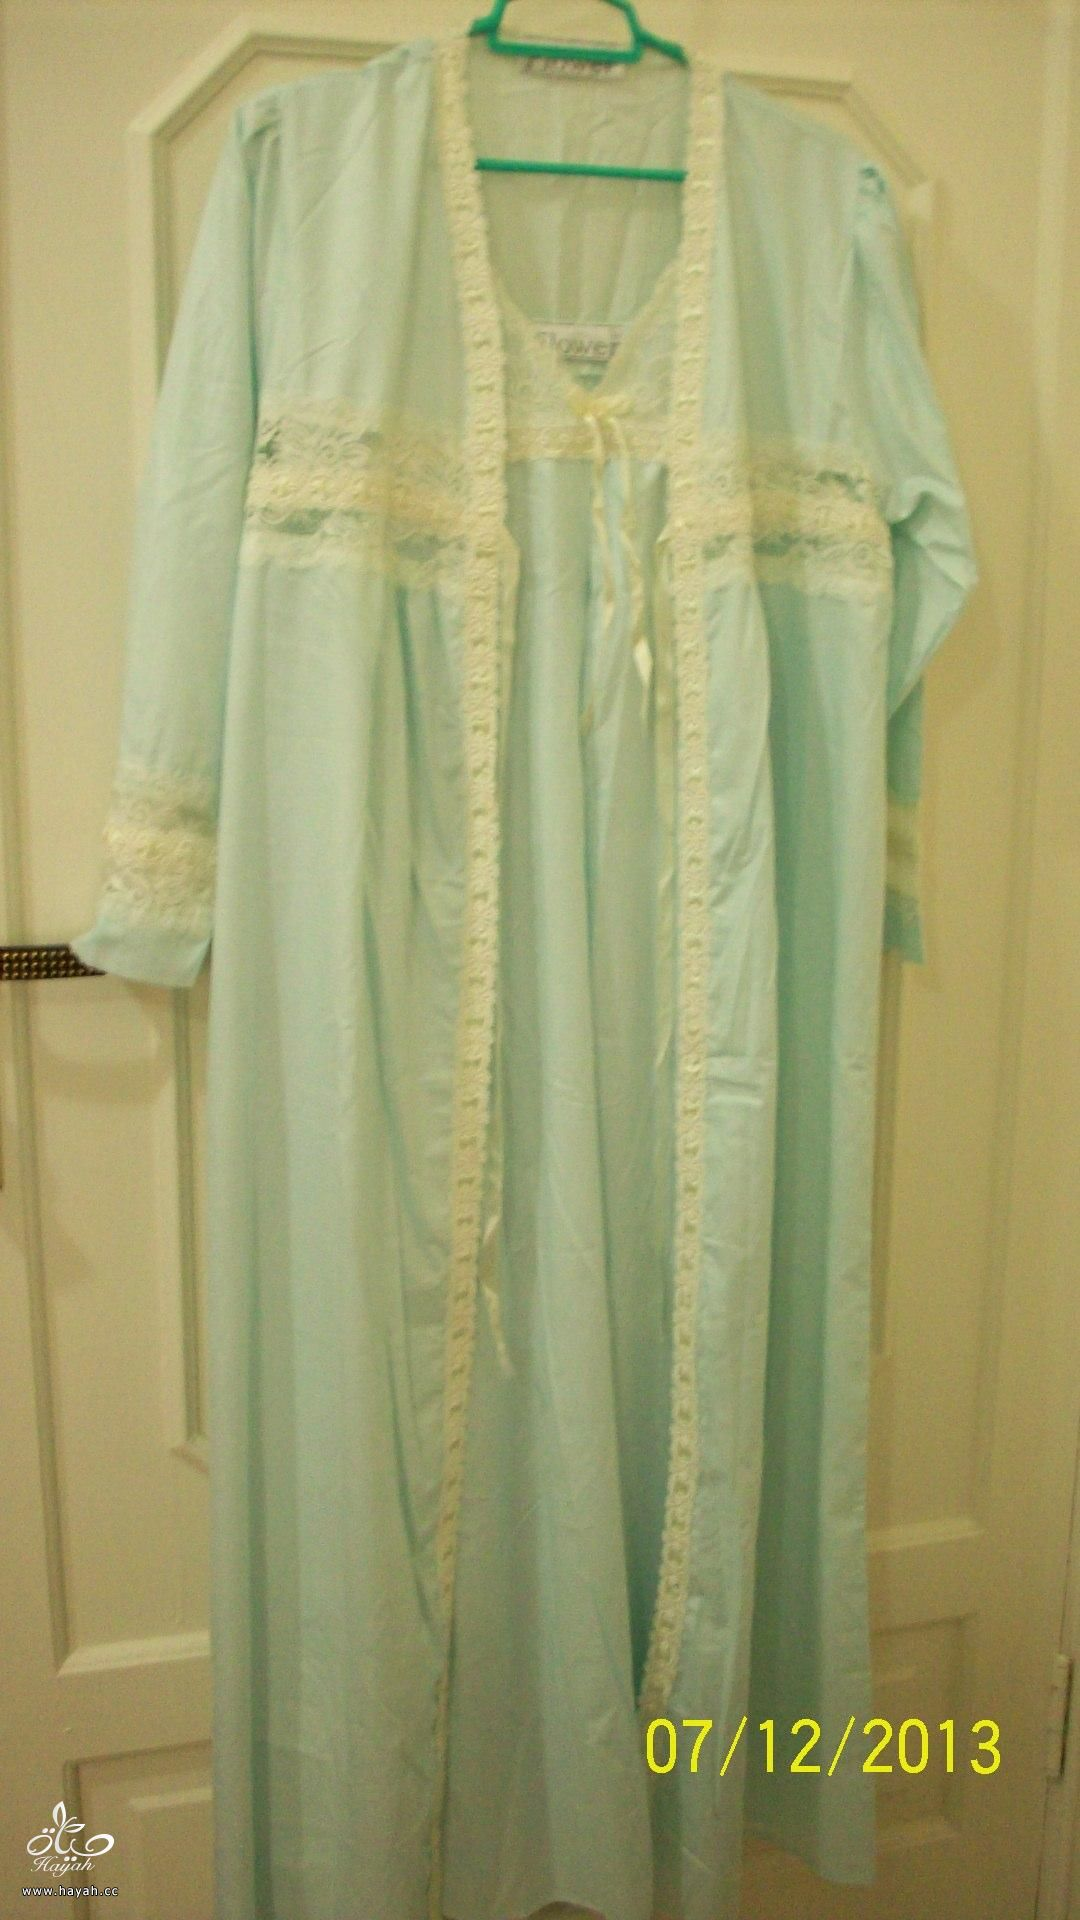 ملابسي - ملابس جديدة للبيع hayahcc_1389921709_965.jpg